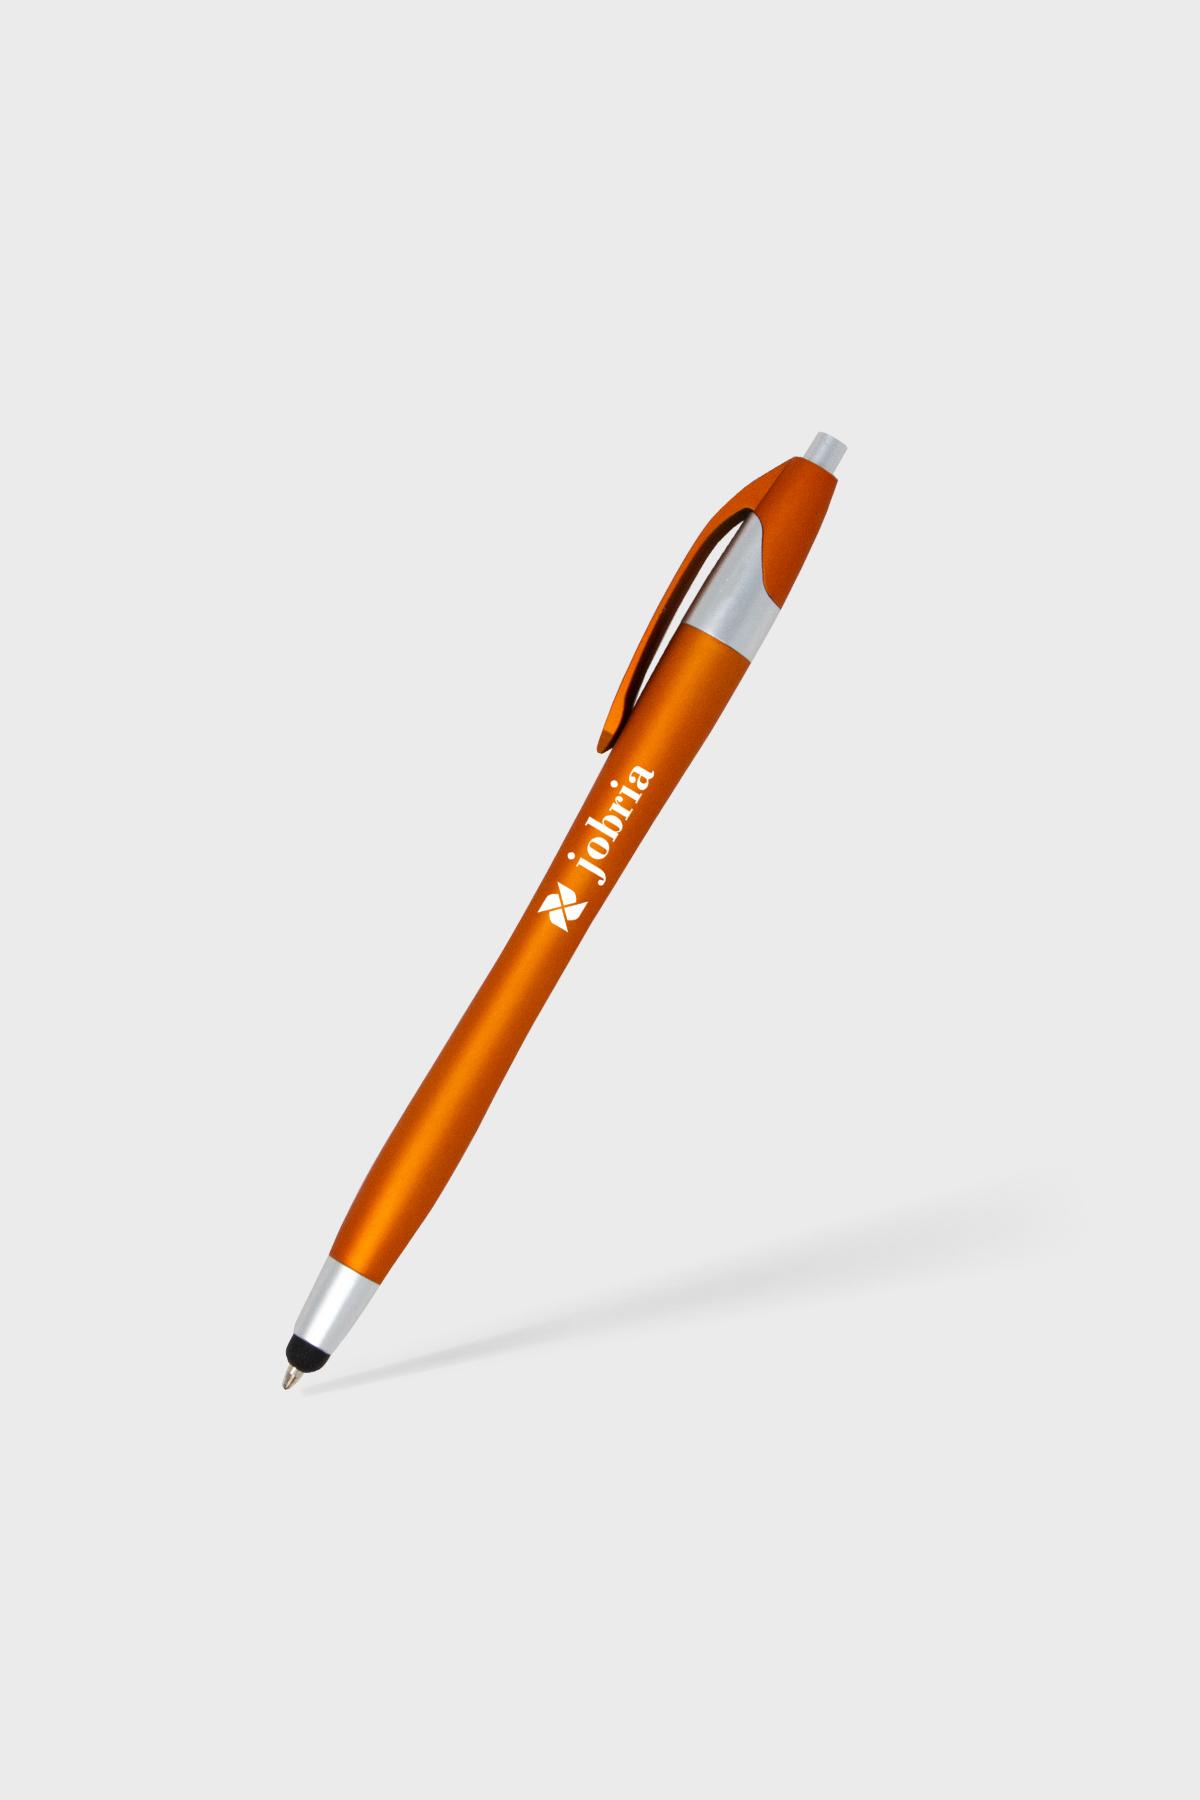 333 Javalina Metallic Comfort Stylus Orange